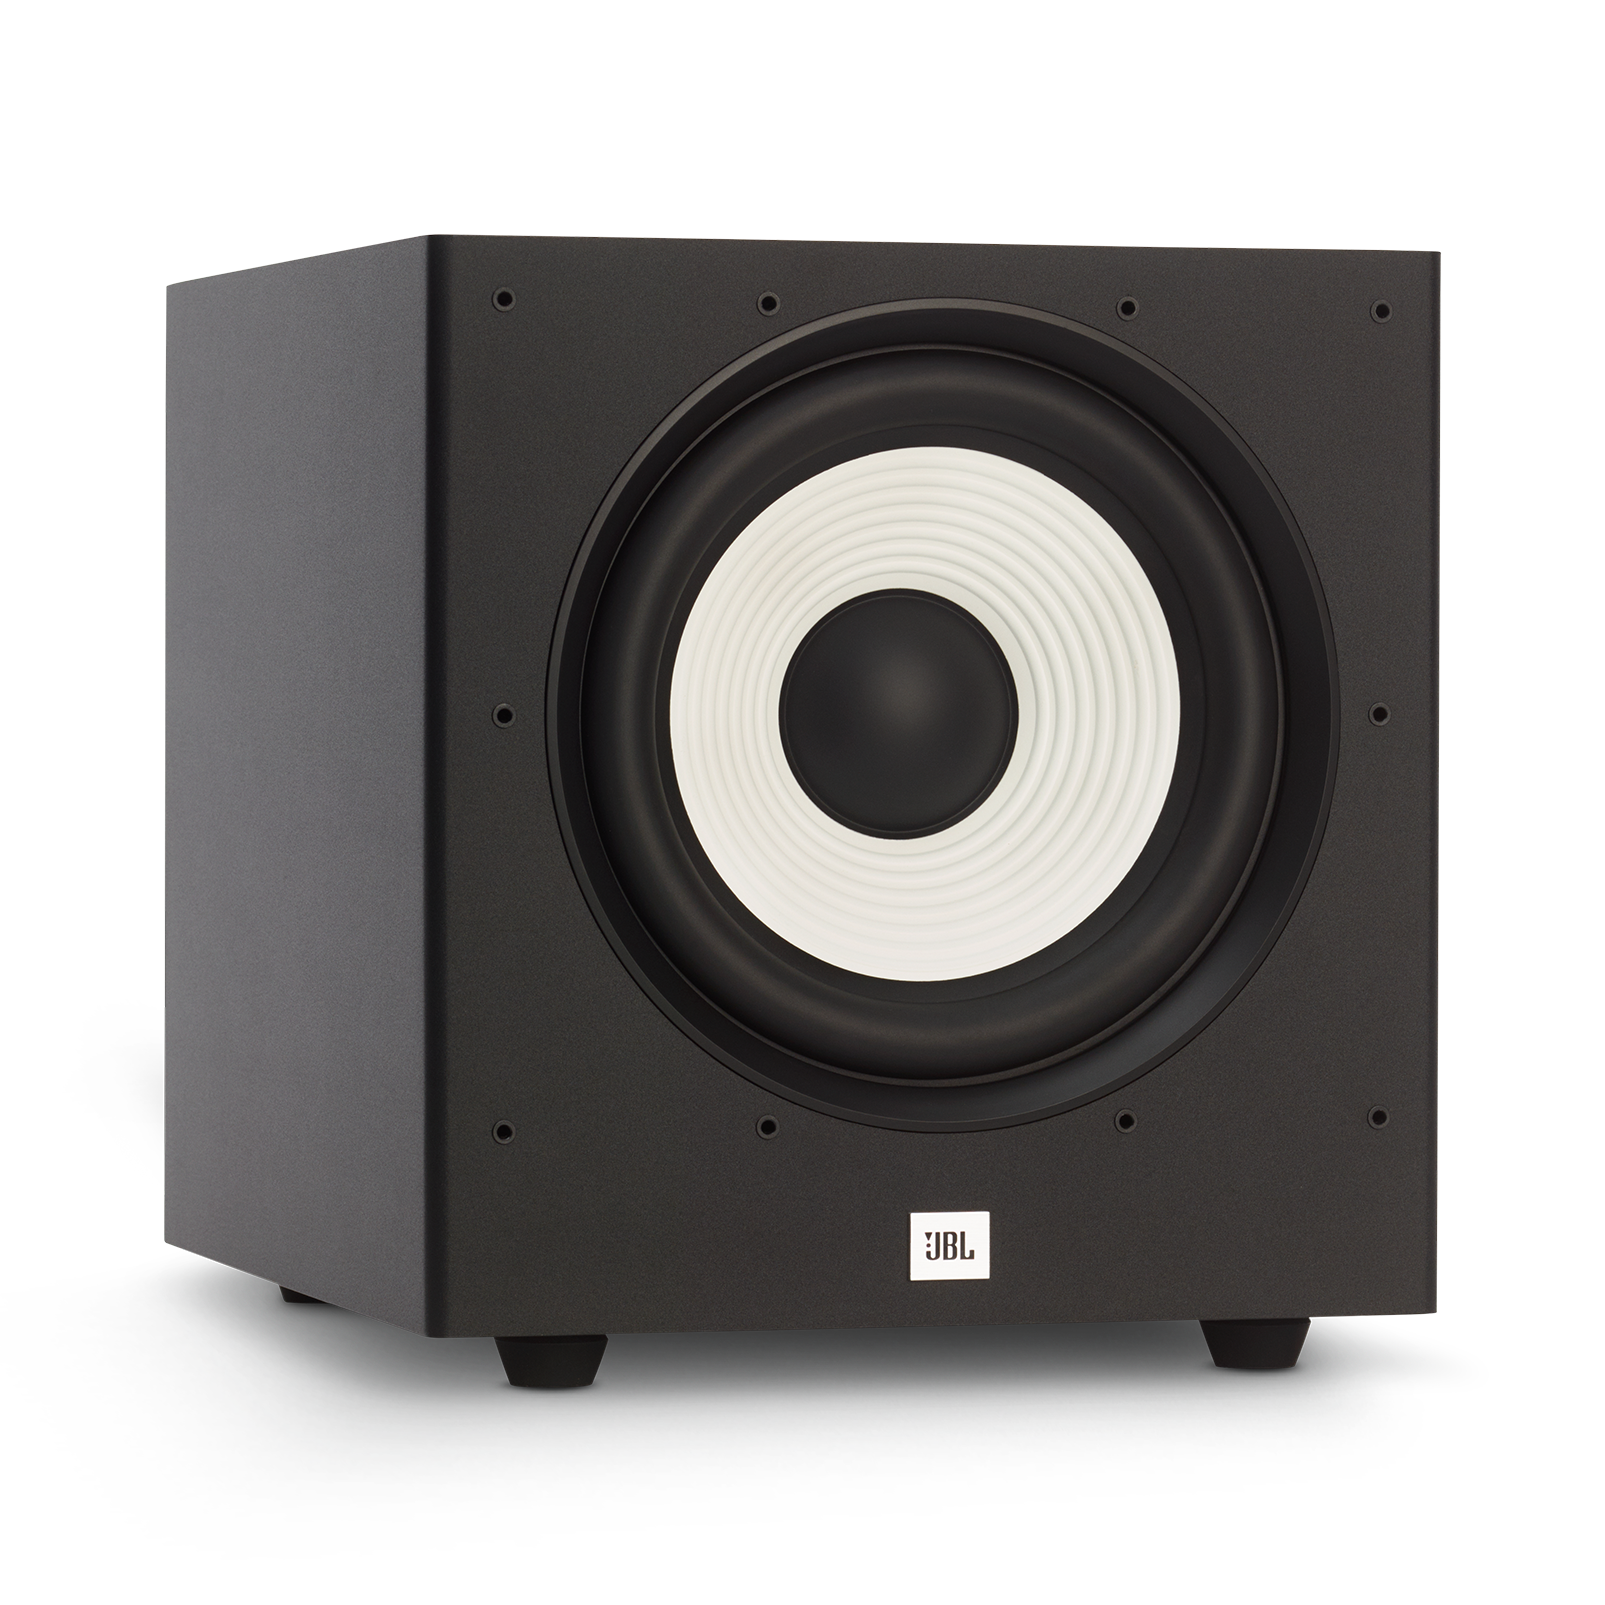 JBL Stage A100P - Black - Home Audio Loudspeaker System - Detailshot 1